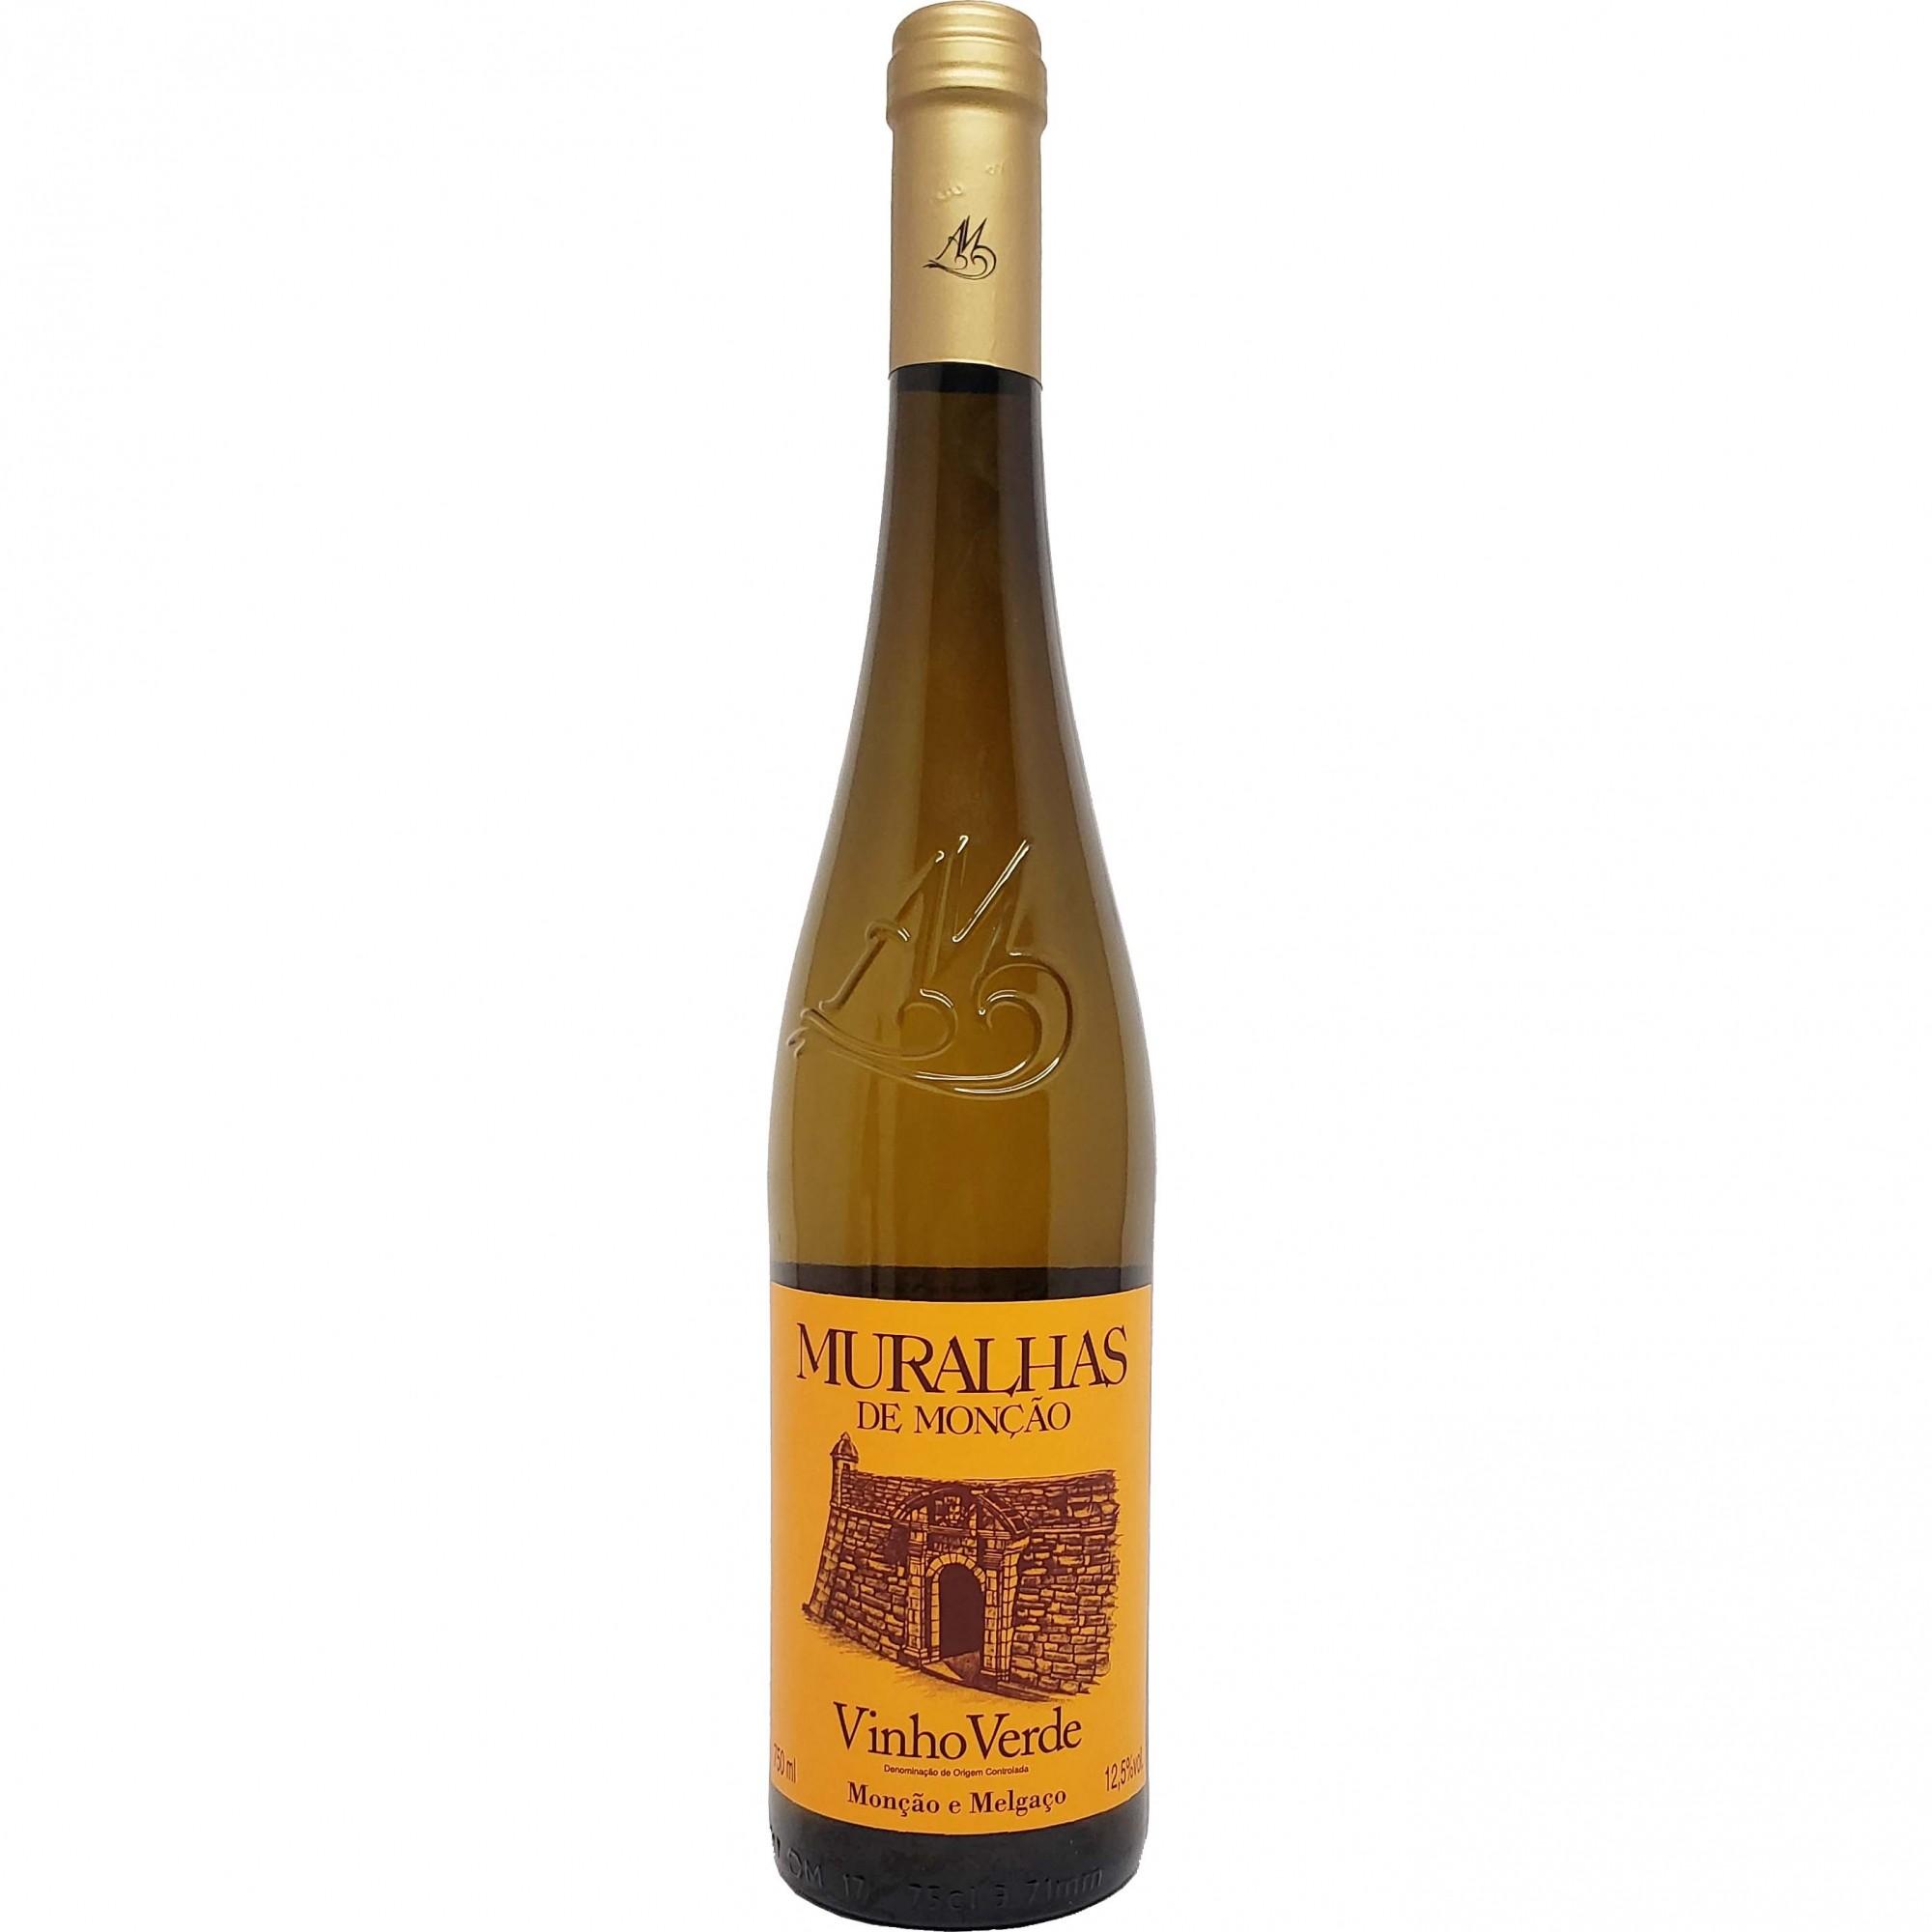 Vinho Verde Muralhas de Monção  - 750ml -